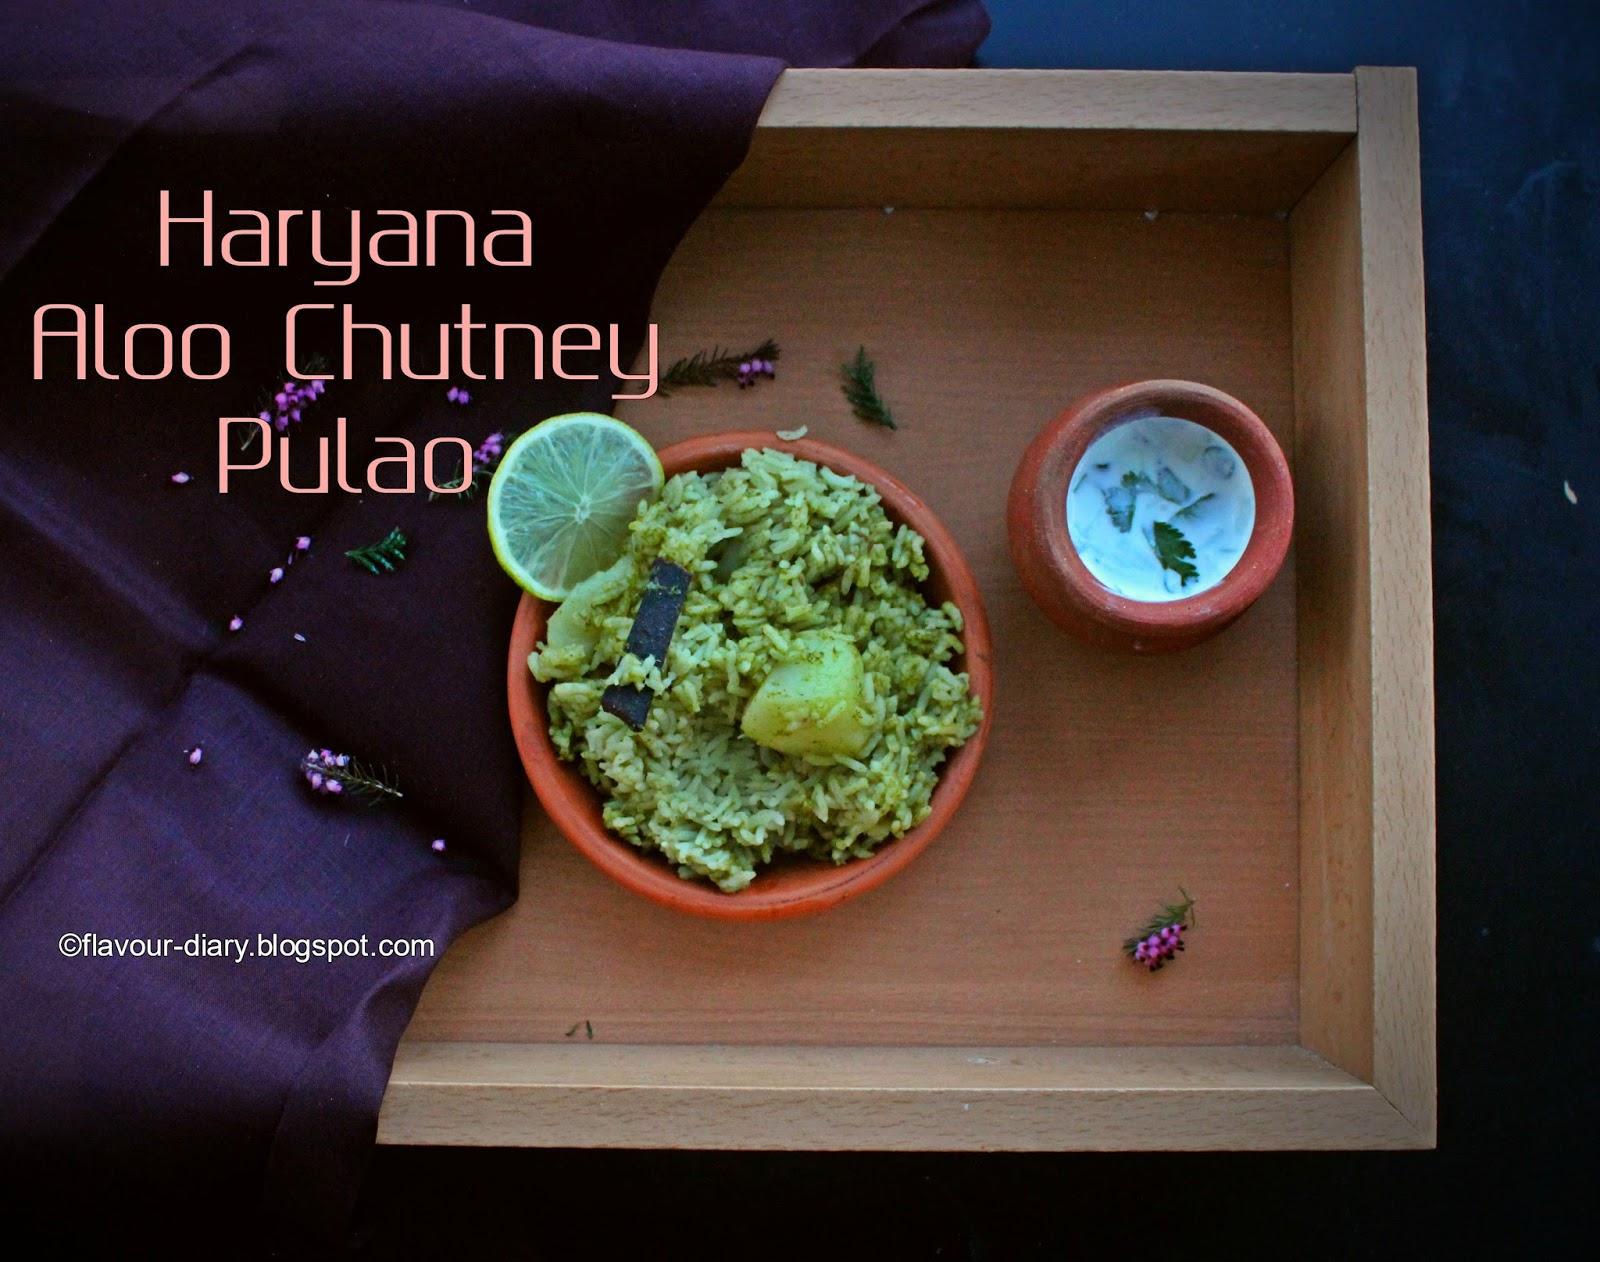 haryana aloo chutney pulao recipe